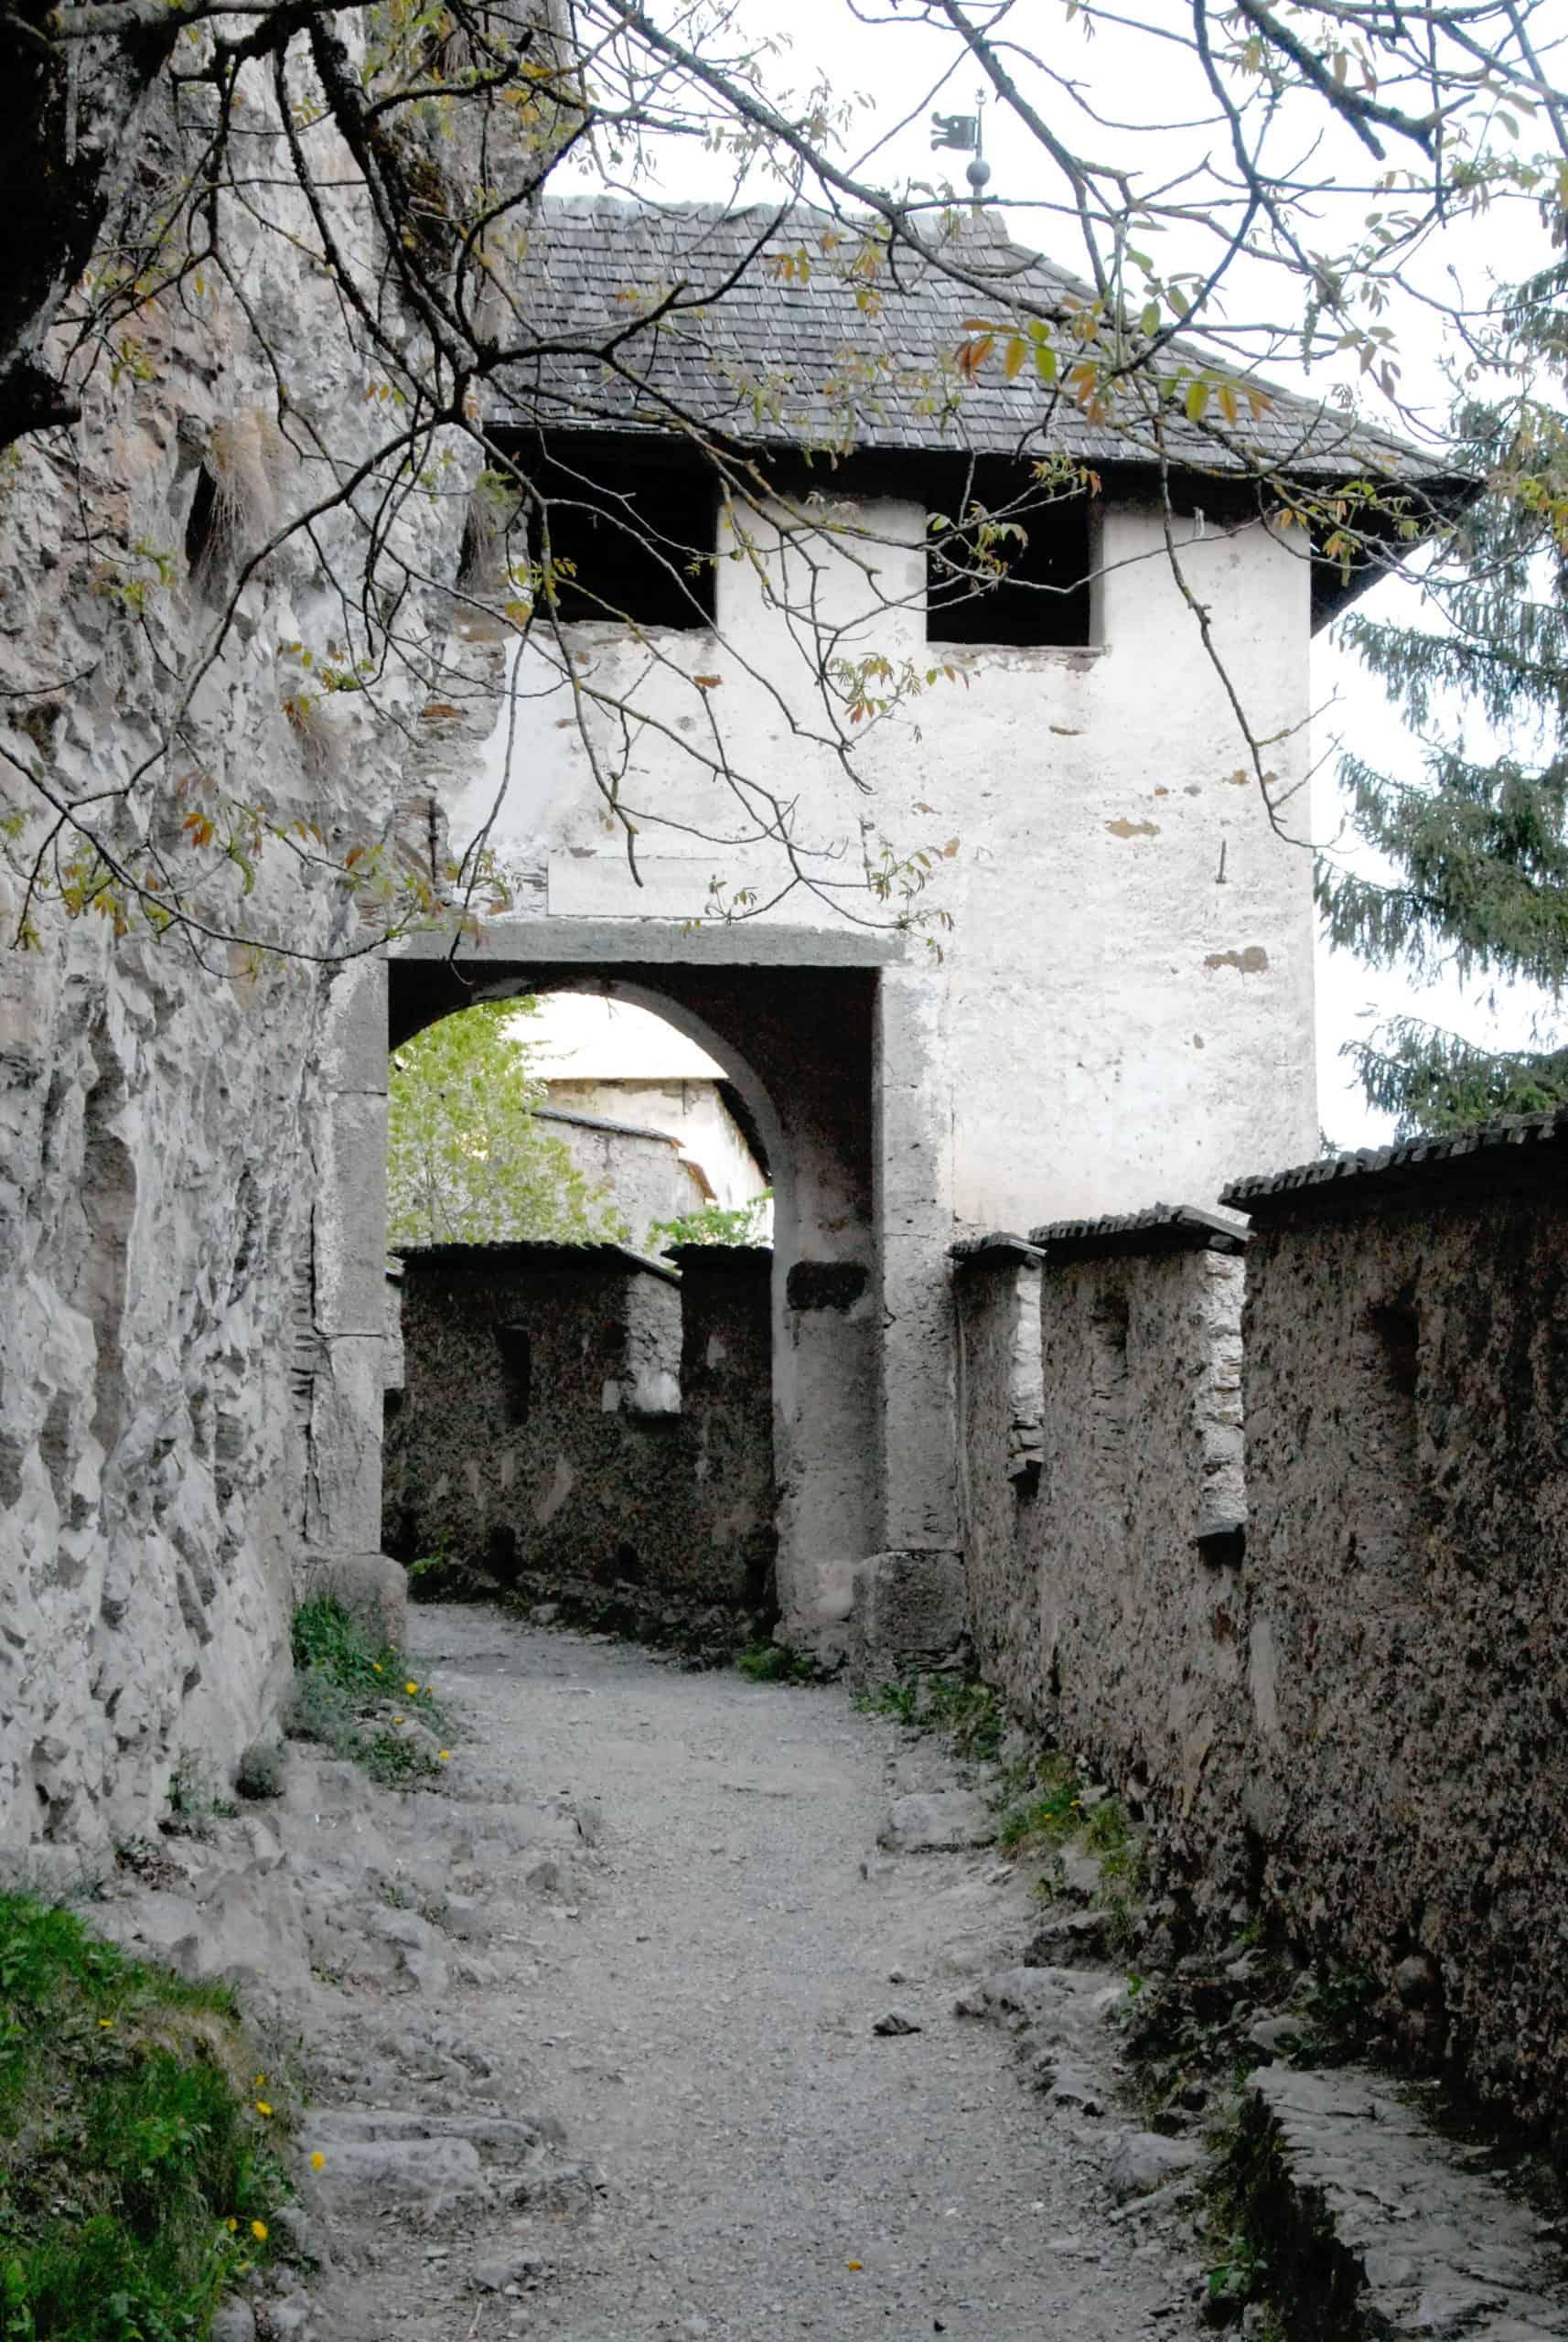 Nautor - Burgtor auf der Burg Hochosterwitz. Sehenswürdigkeit in Kärnten, Nähe St. Veit und Klagenfurt.